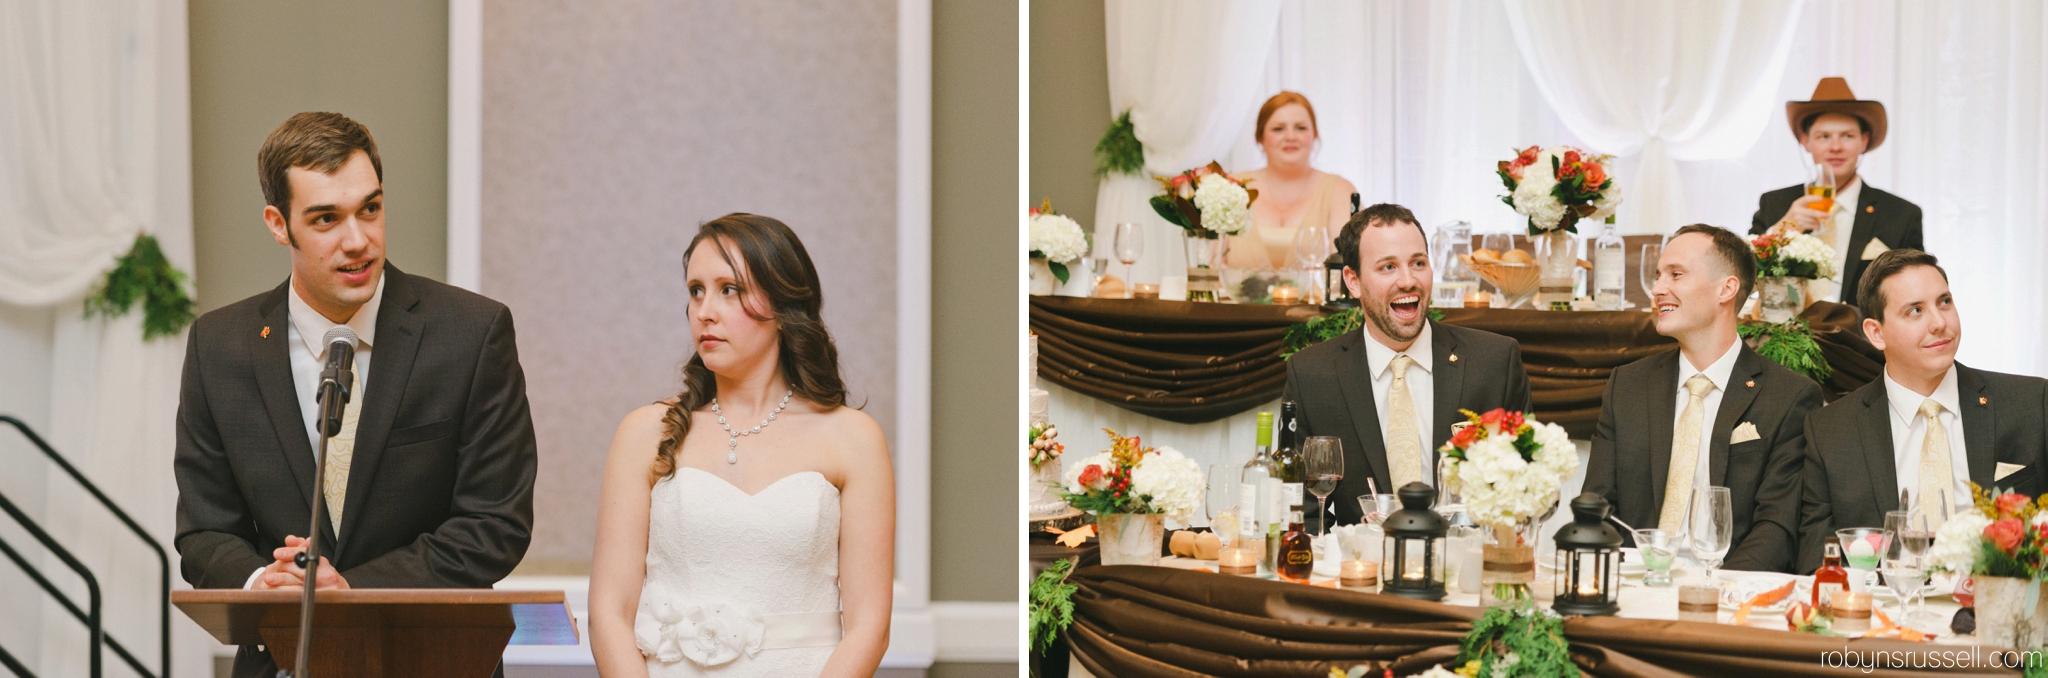 64-bride-and-groom-laughs.jpg